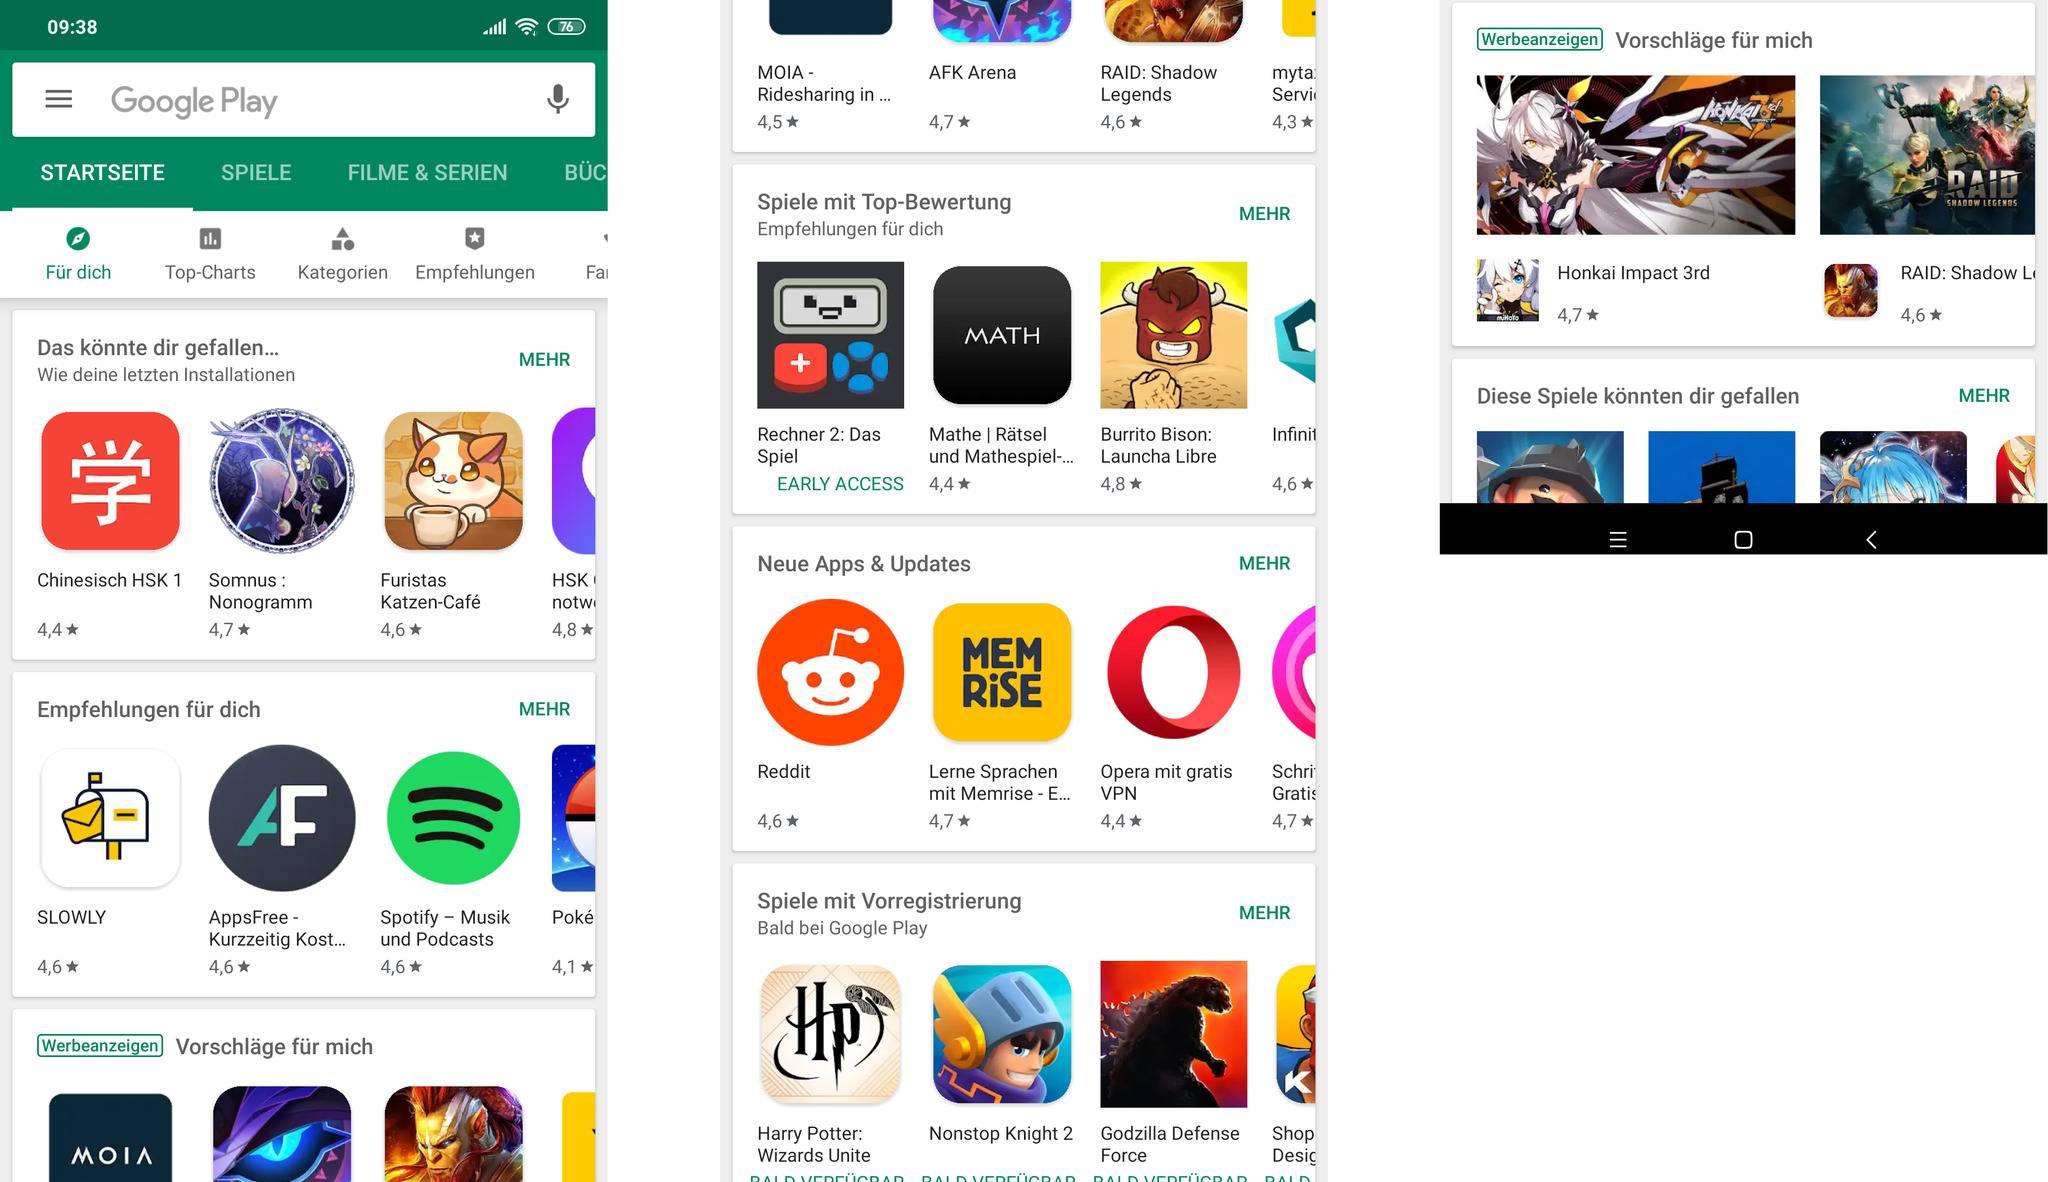 Android R wird endlich scrollbare Screenshots unterstützen (Bild: scrollbarer Screenshot auf dem Xiaomi Mi 8).